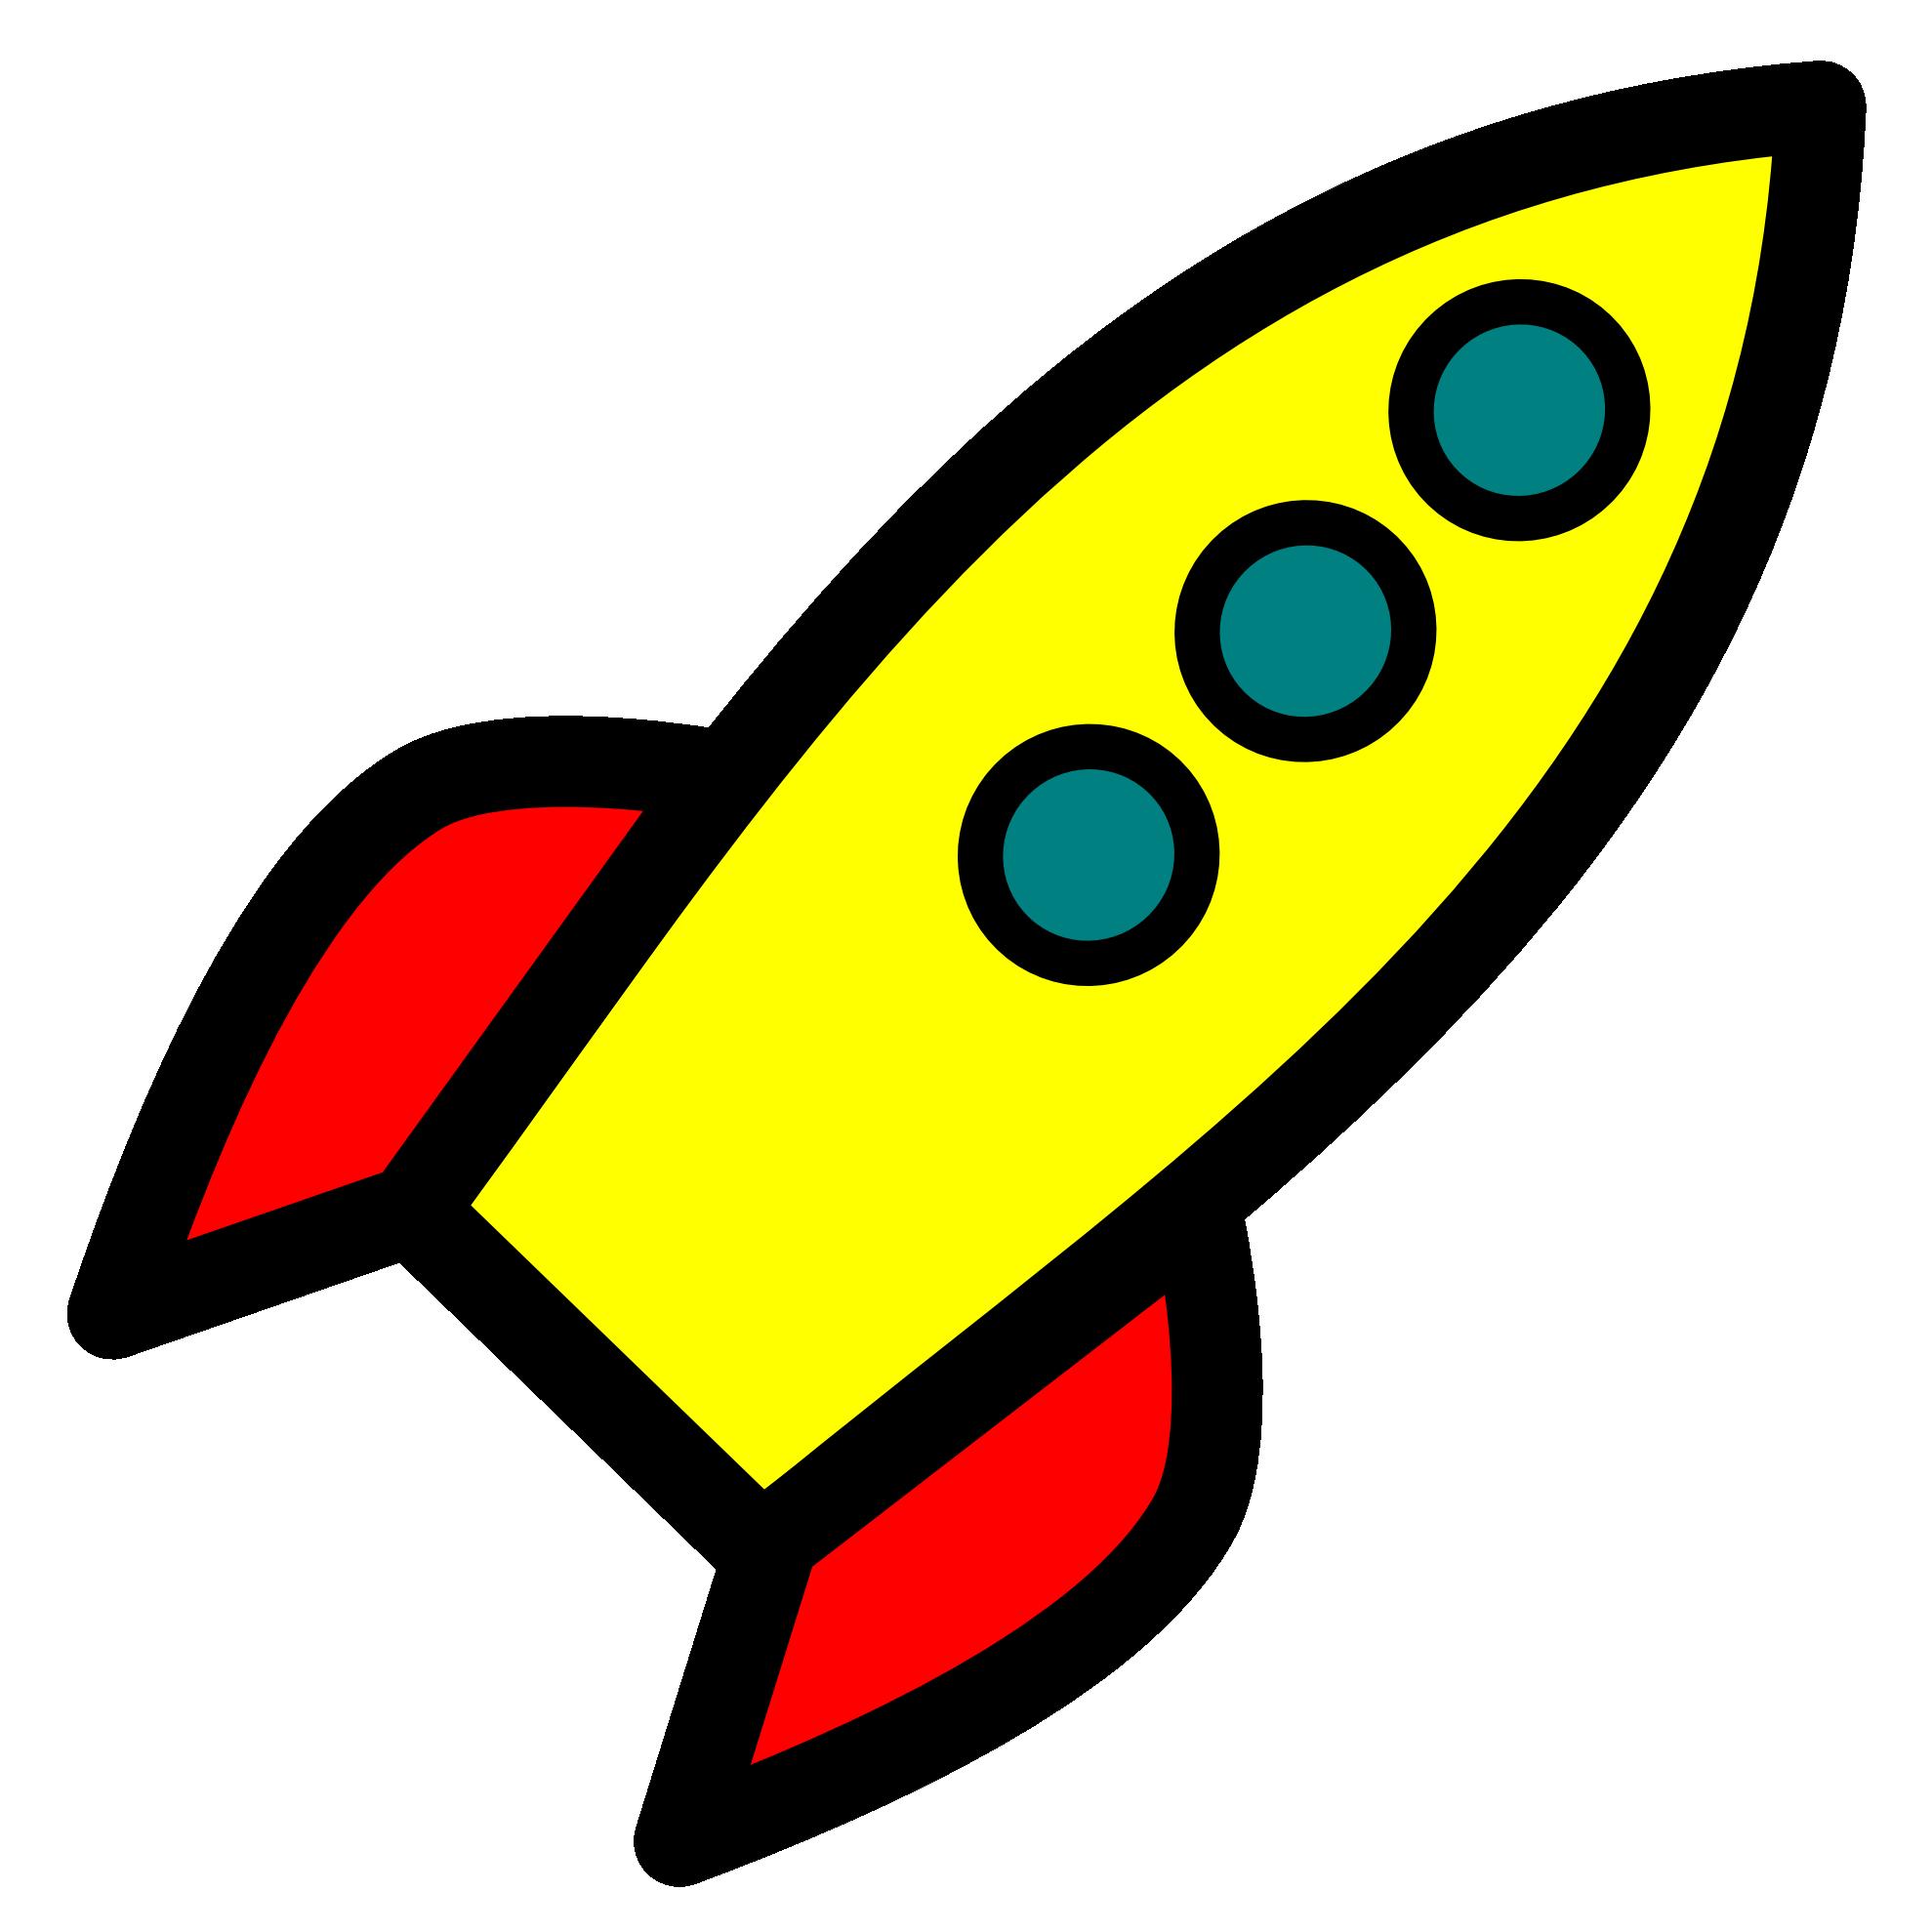 Nasa rocketship drawing